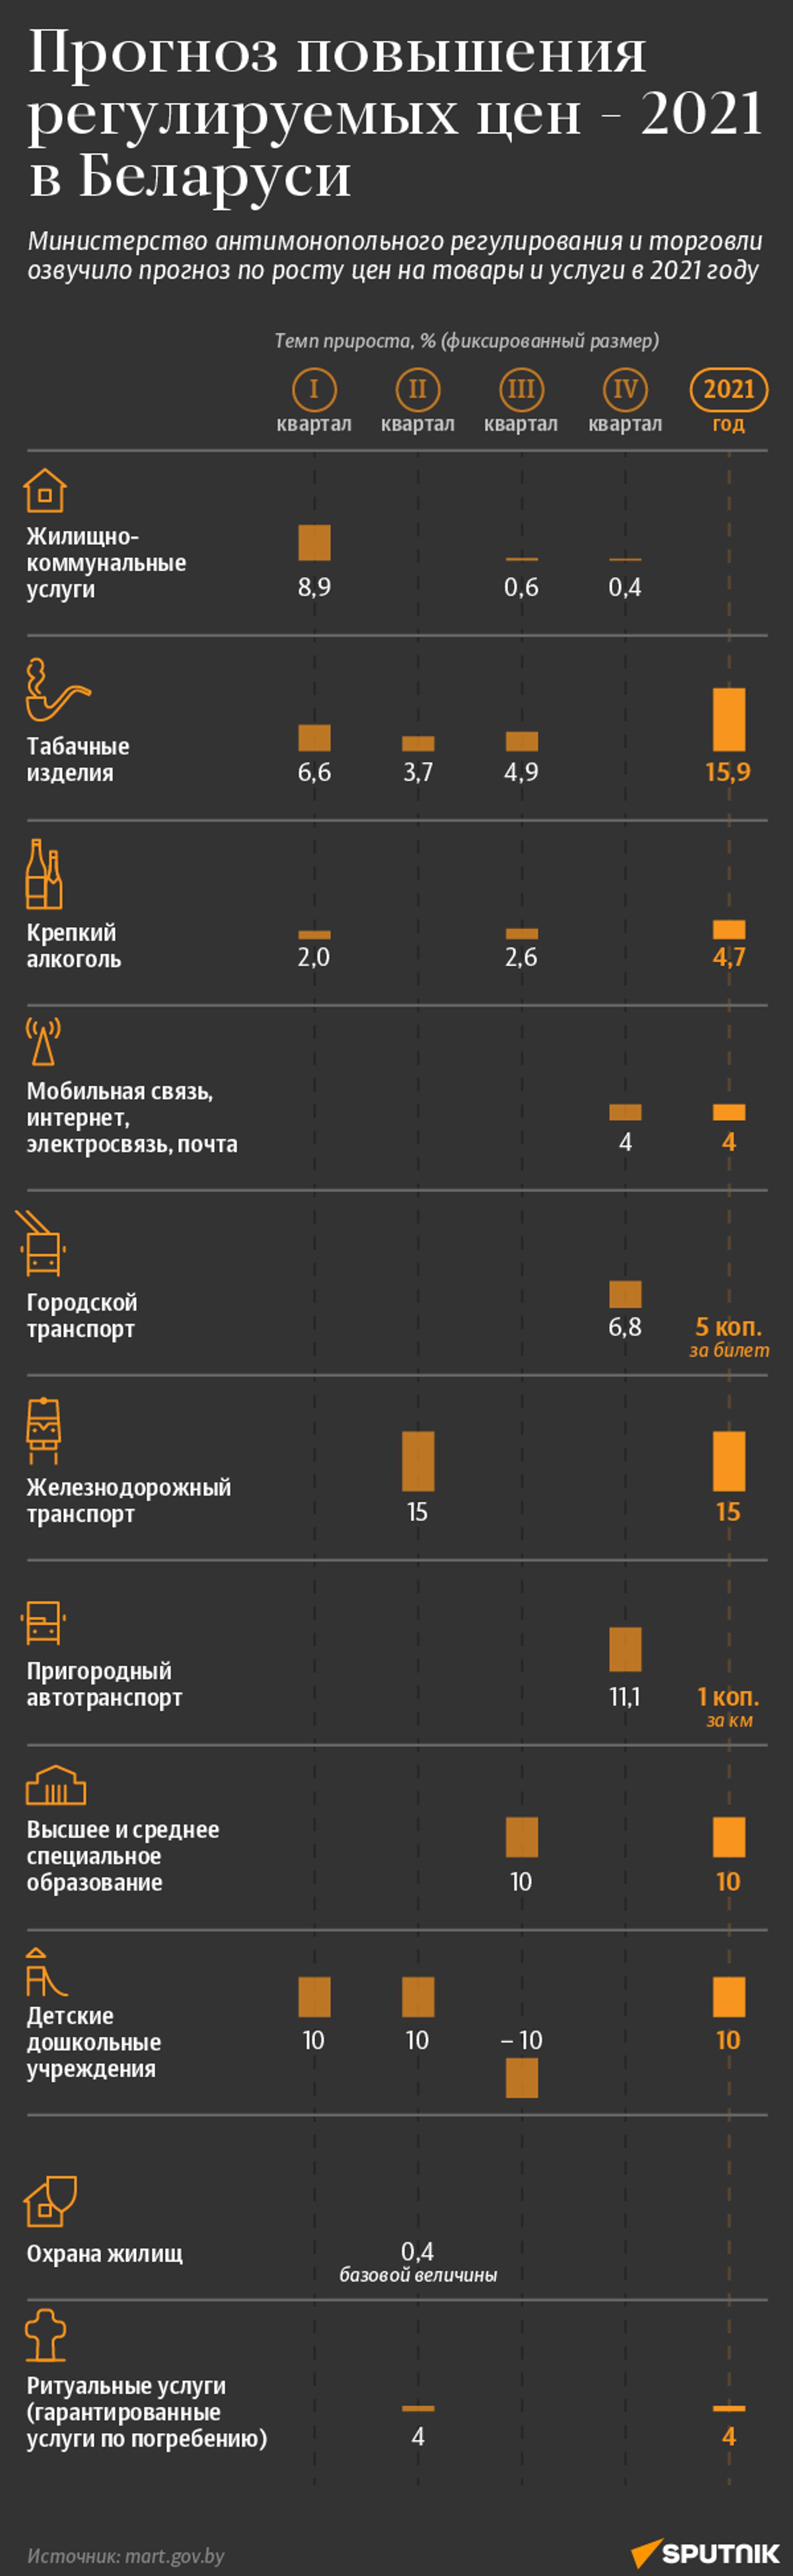 Прогноз повышения регулируемых цен – 2021 в Беларуси - Sputnik Беларусь, 1920, 09.04.2021